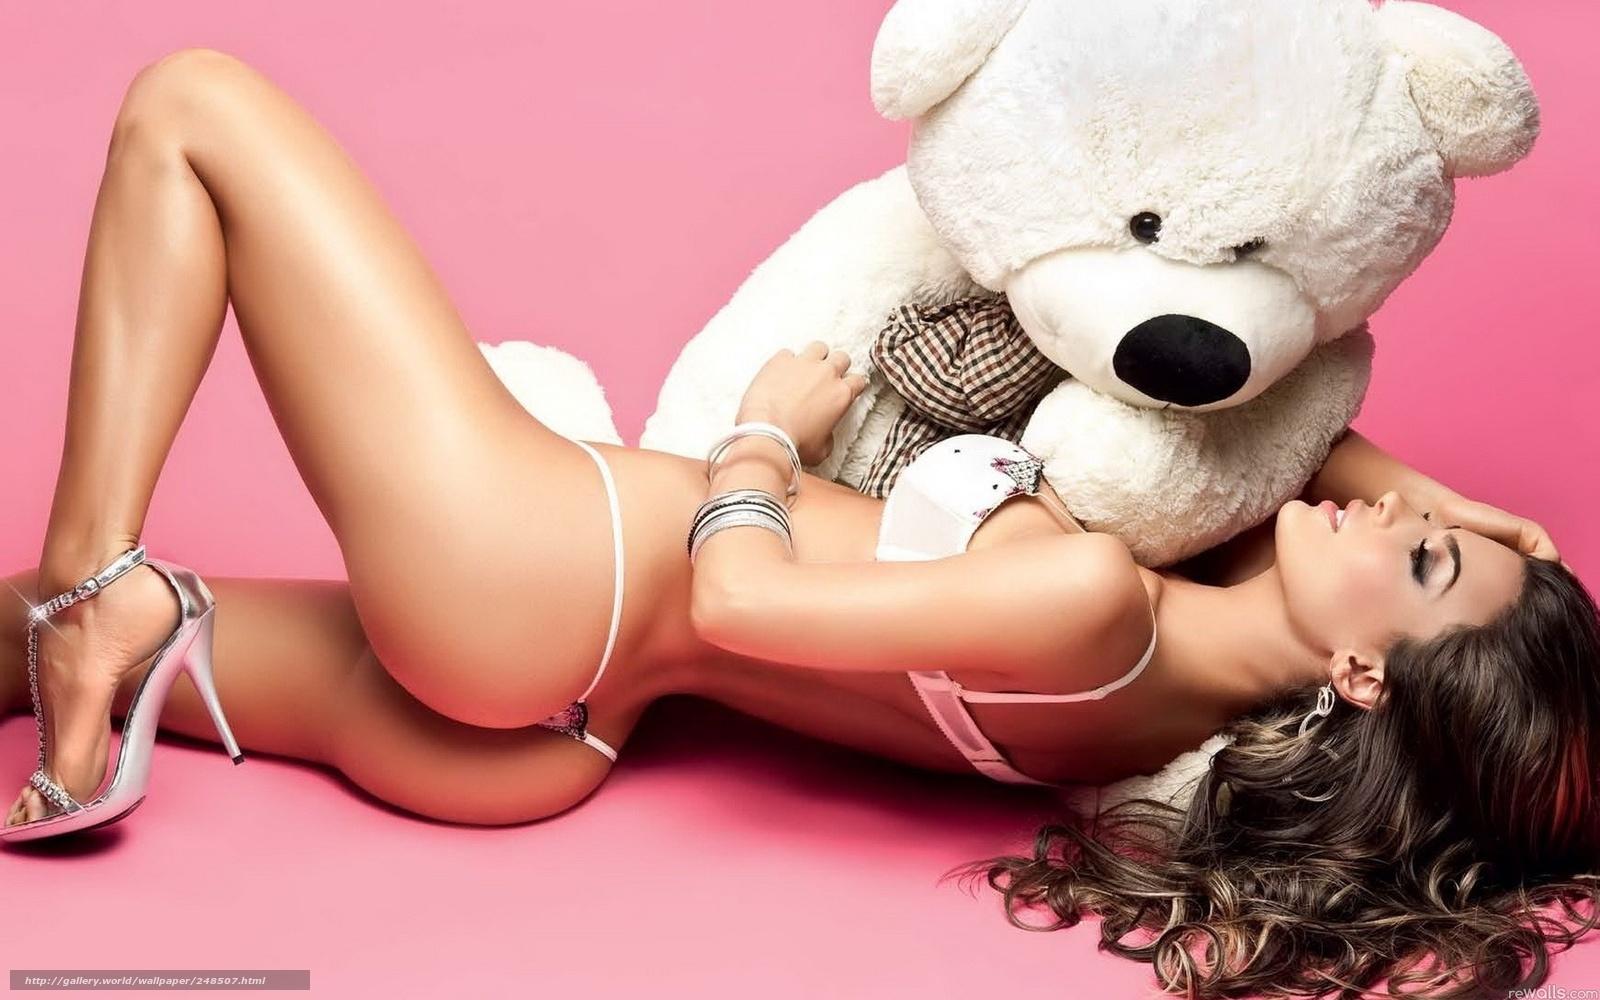 Фото красивых девушек с игрушками 5 фотография